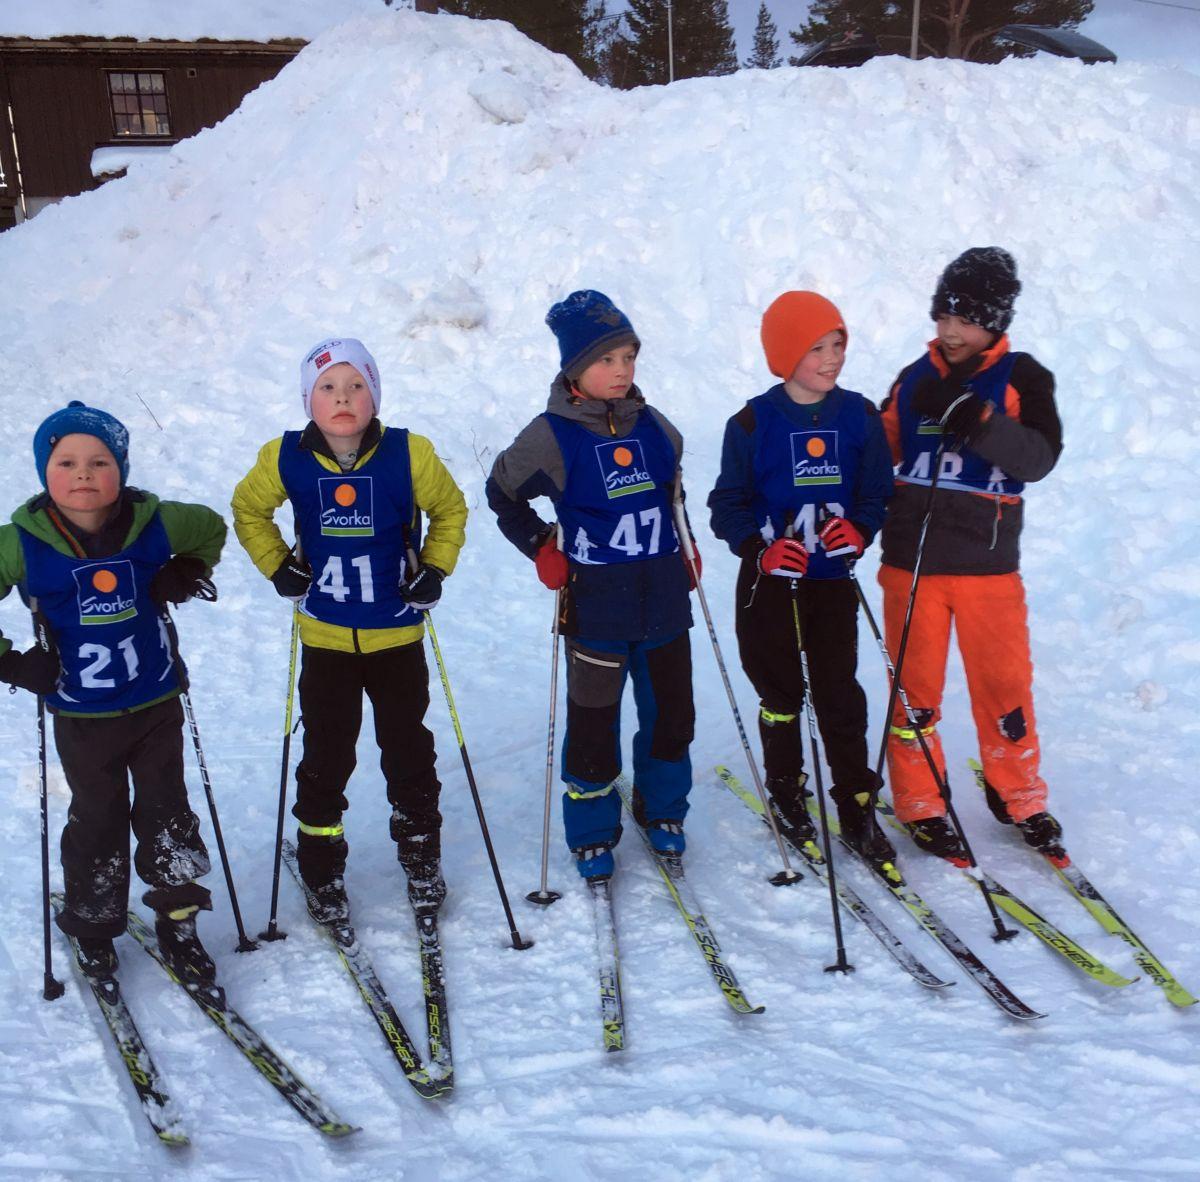 Kjekt på langrenn. Frå venstre: Anders, Fredrik, Nils Erik, Sivert, Trygve Aleksander. Foto: Trygve H